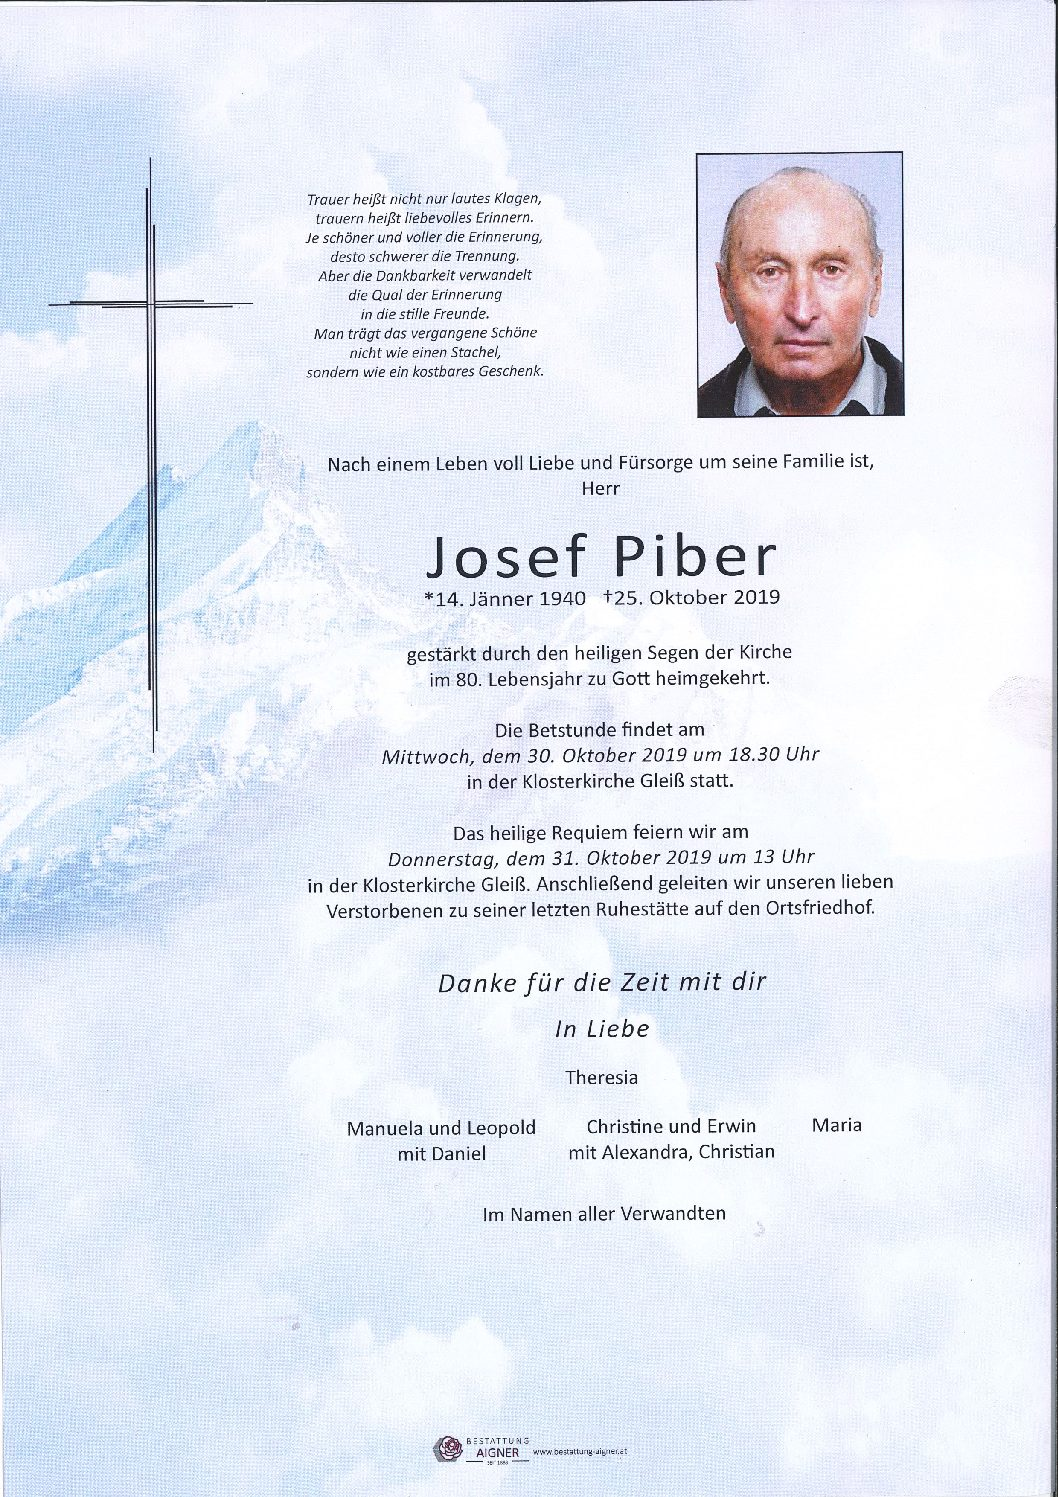 Josef Piber